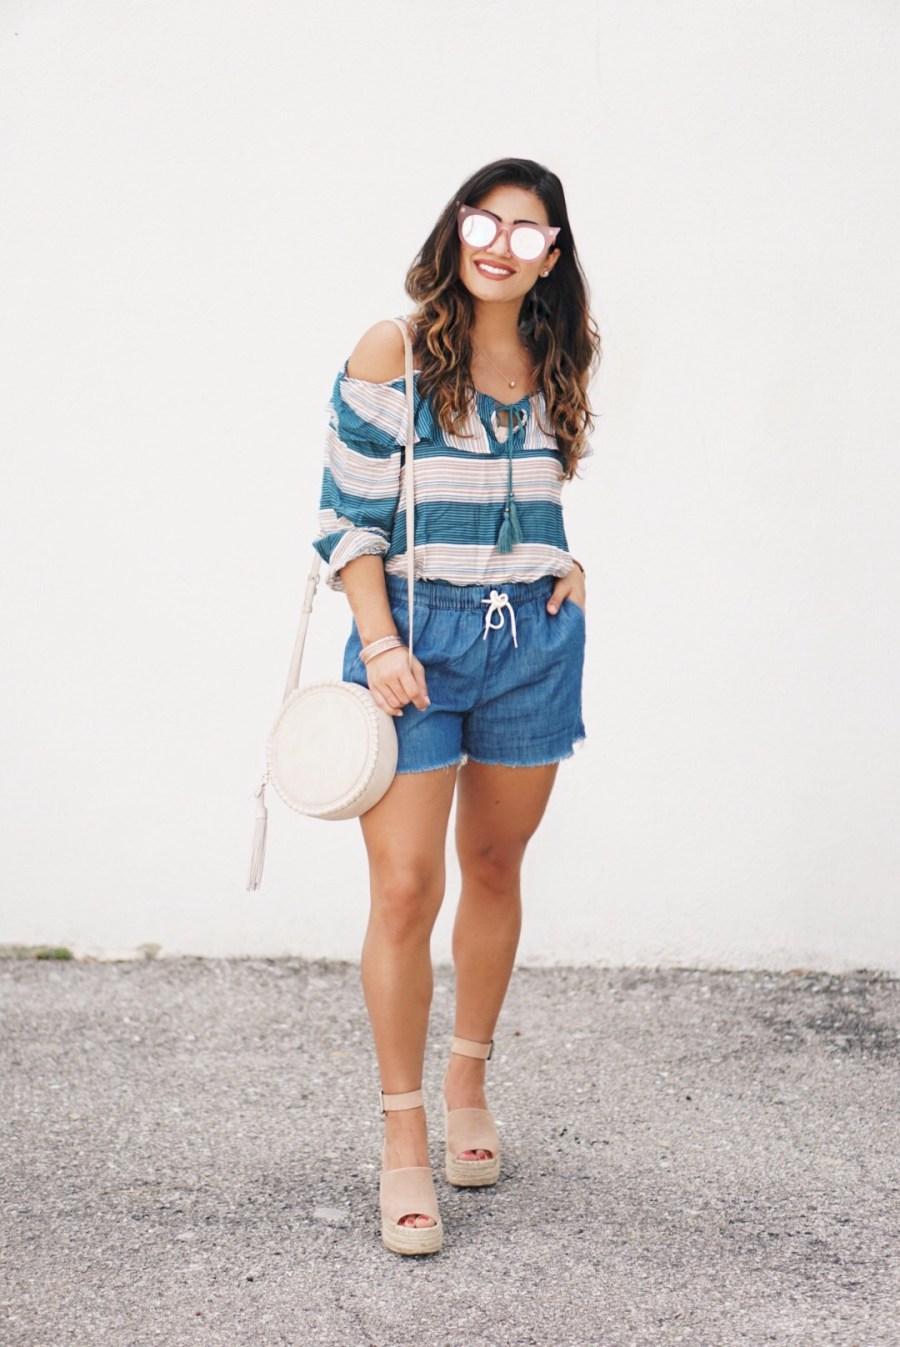 Sugar Love Chic blogger Krista Perez style Wild Blue Denim Cold Shoulder Top under $30